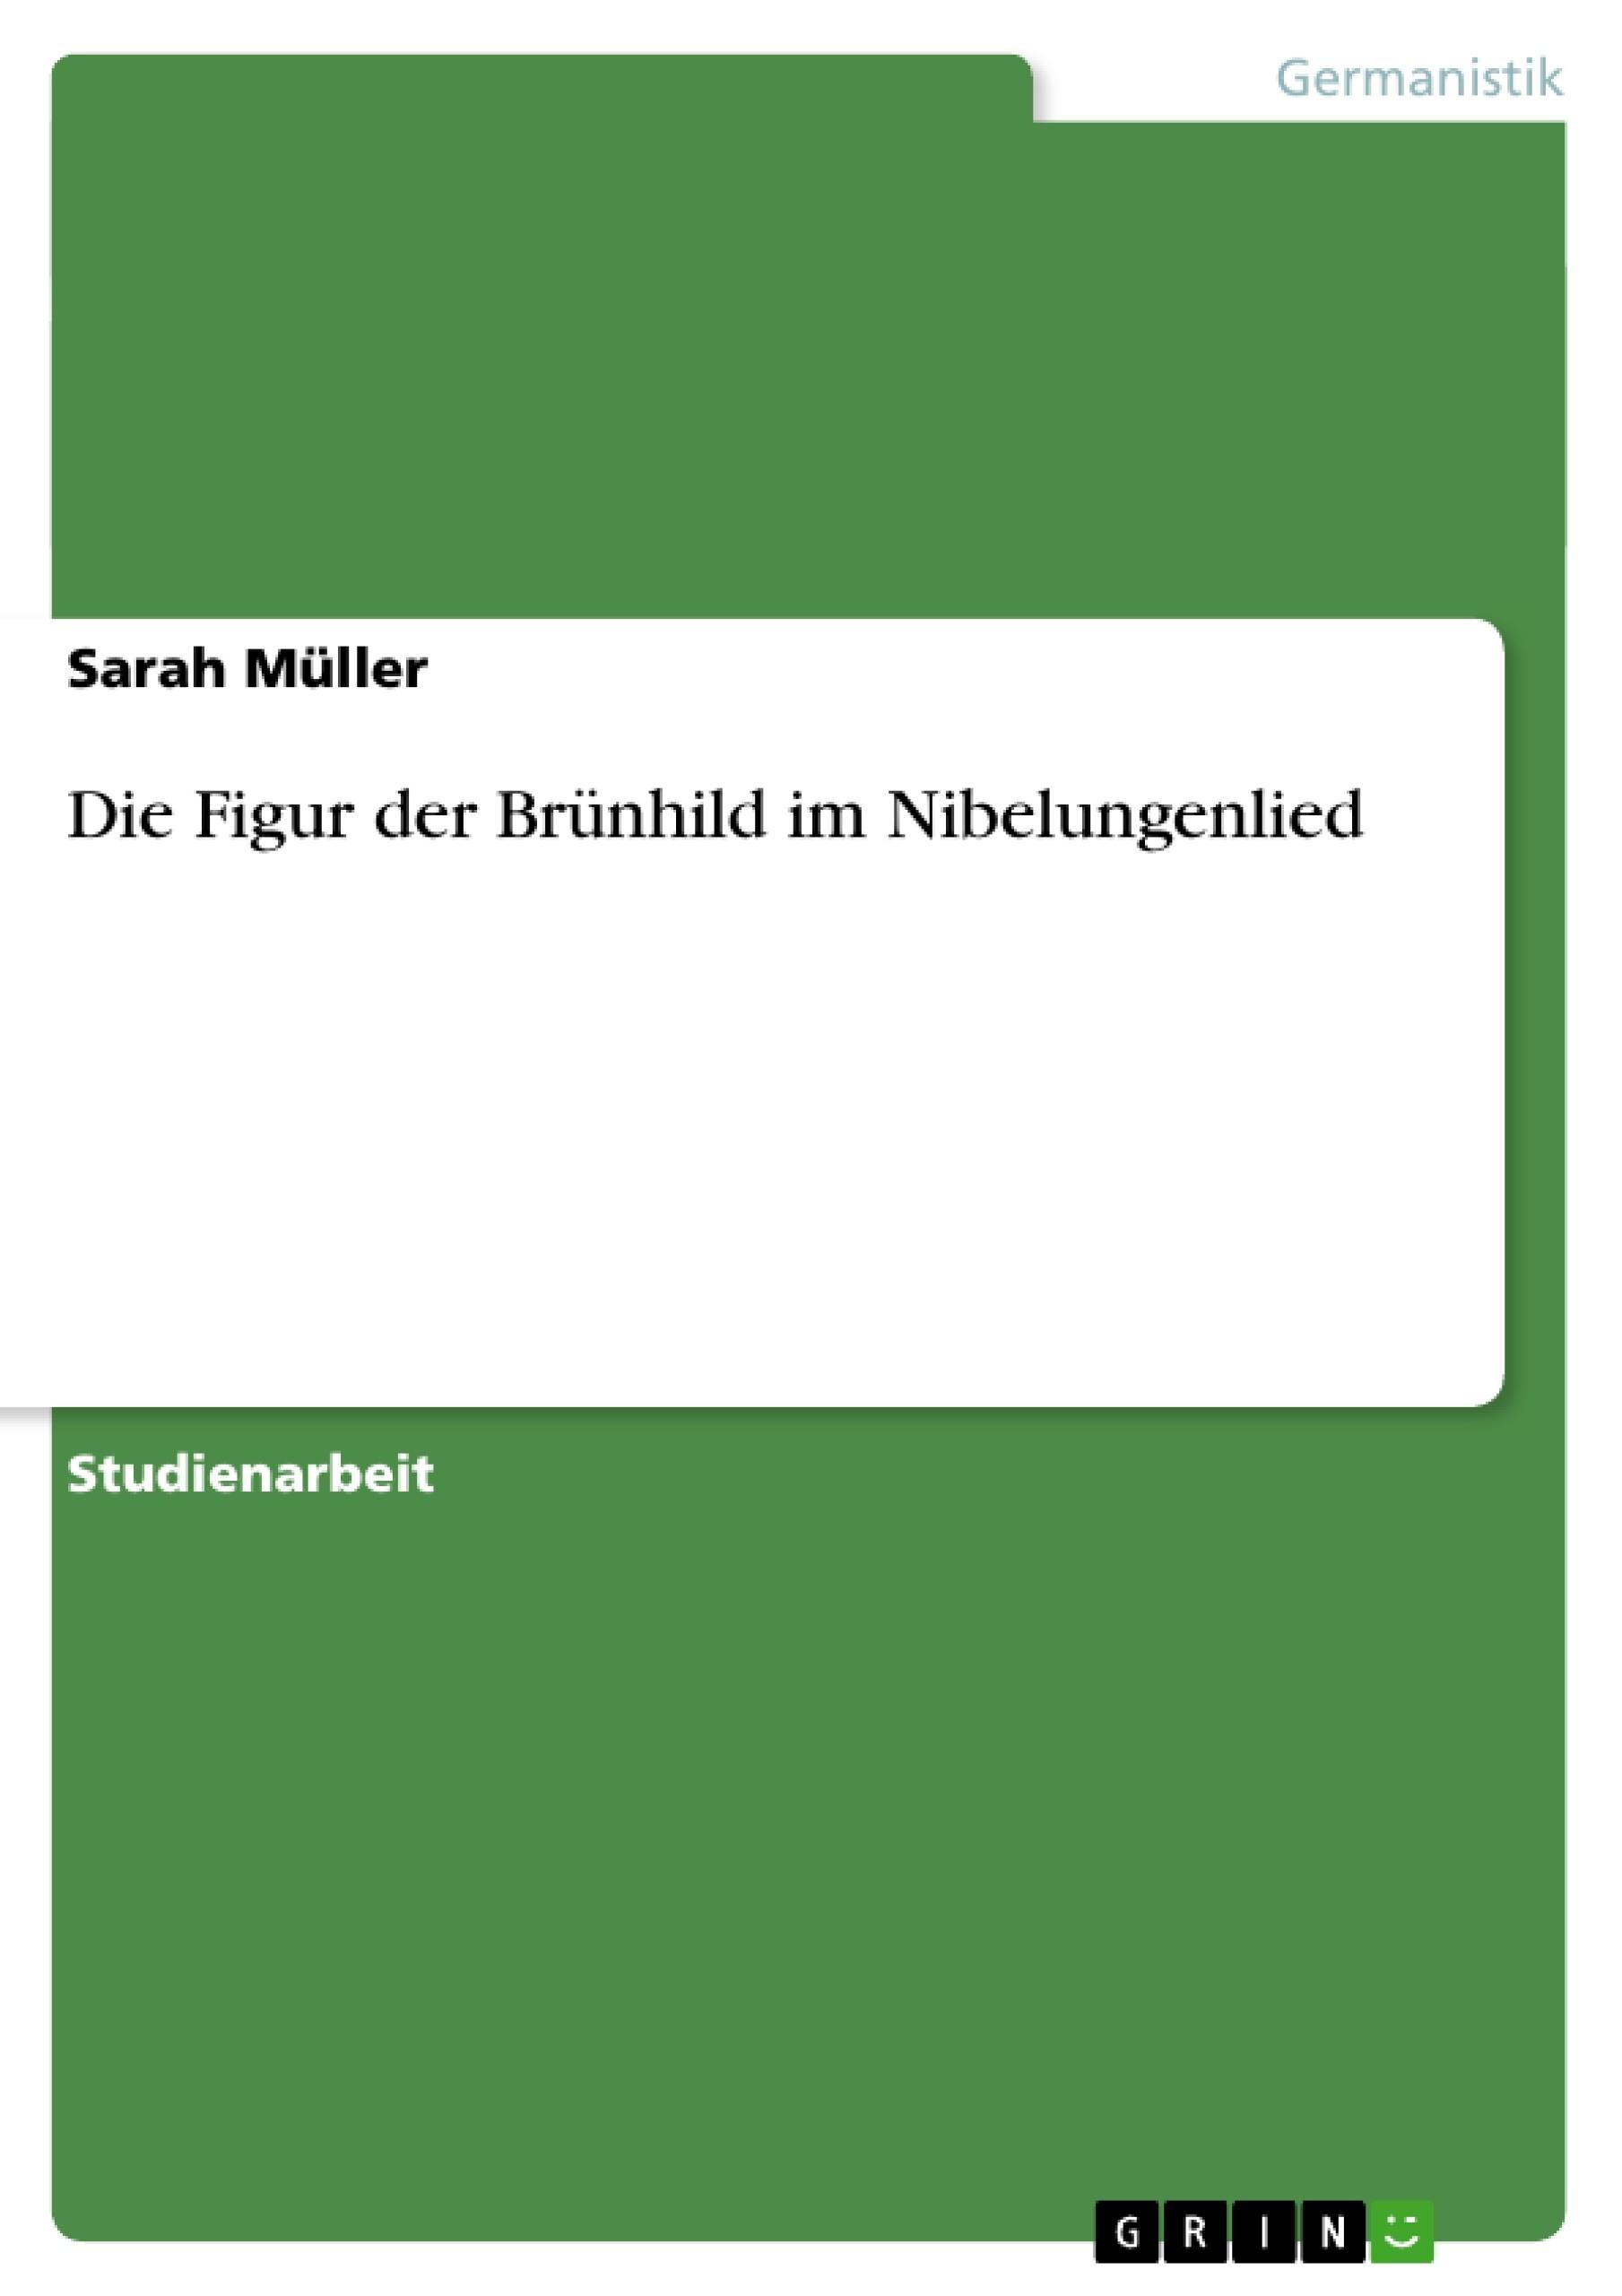 Titel: Die Figur der Brünhild im Nibelungenlied